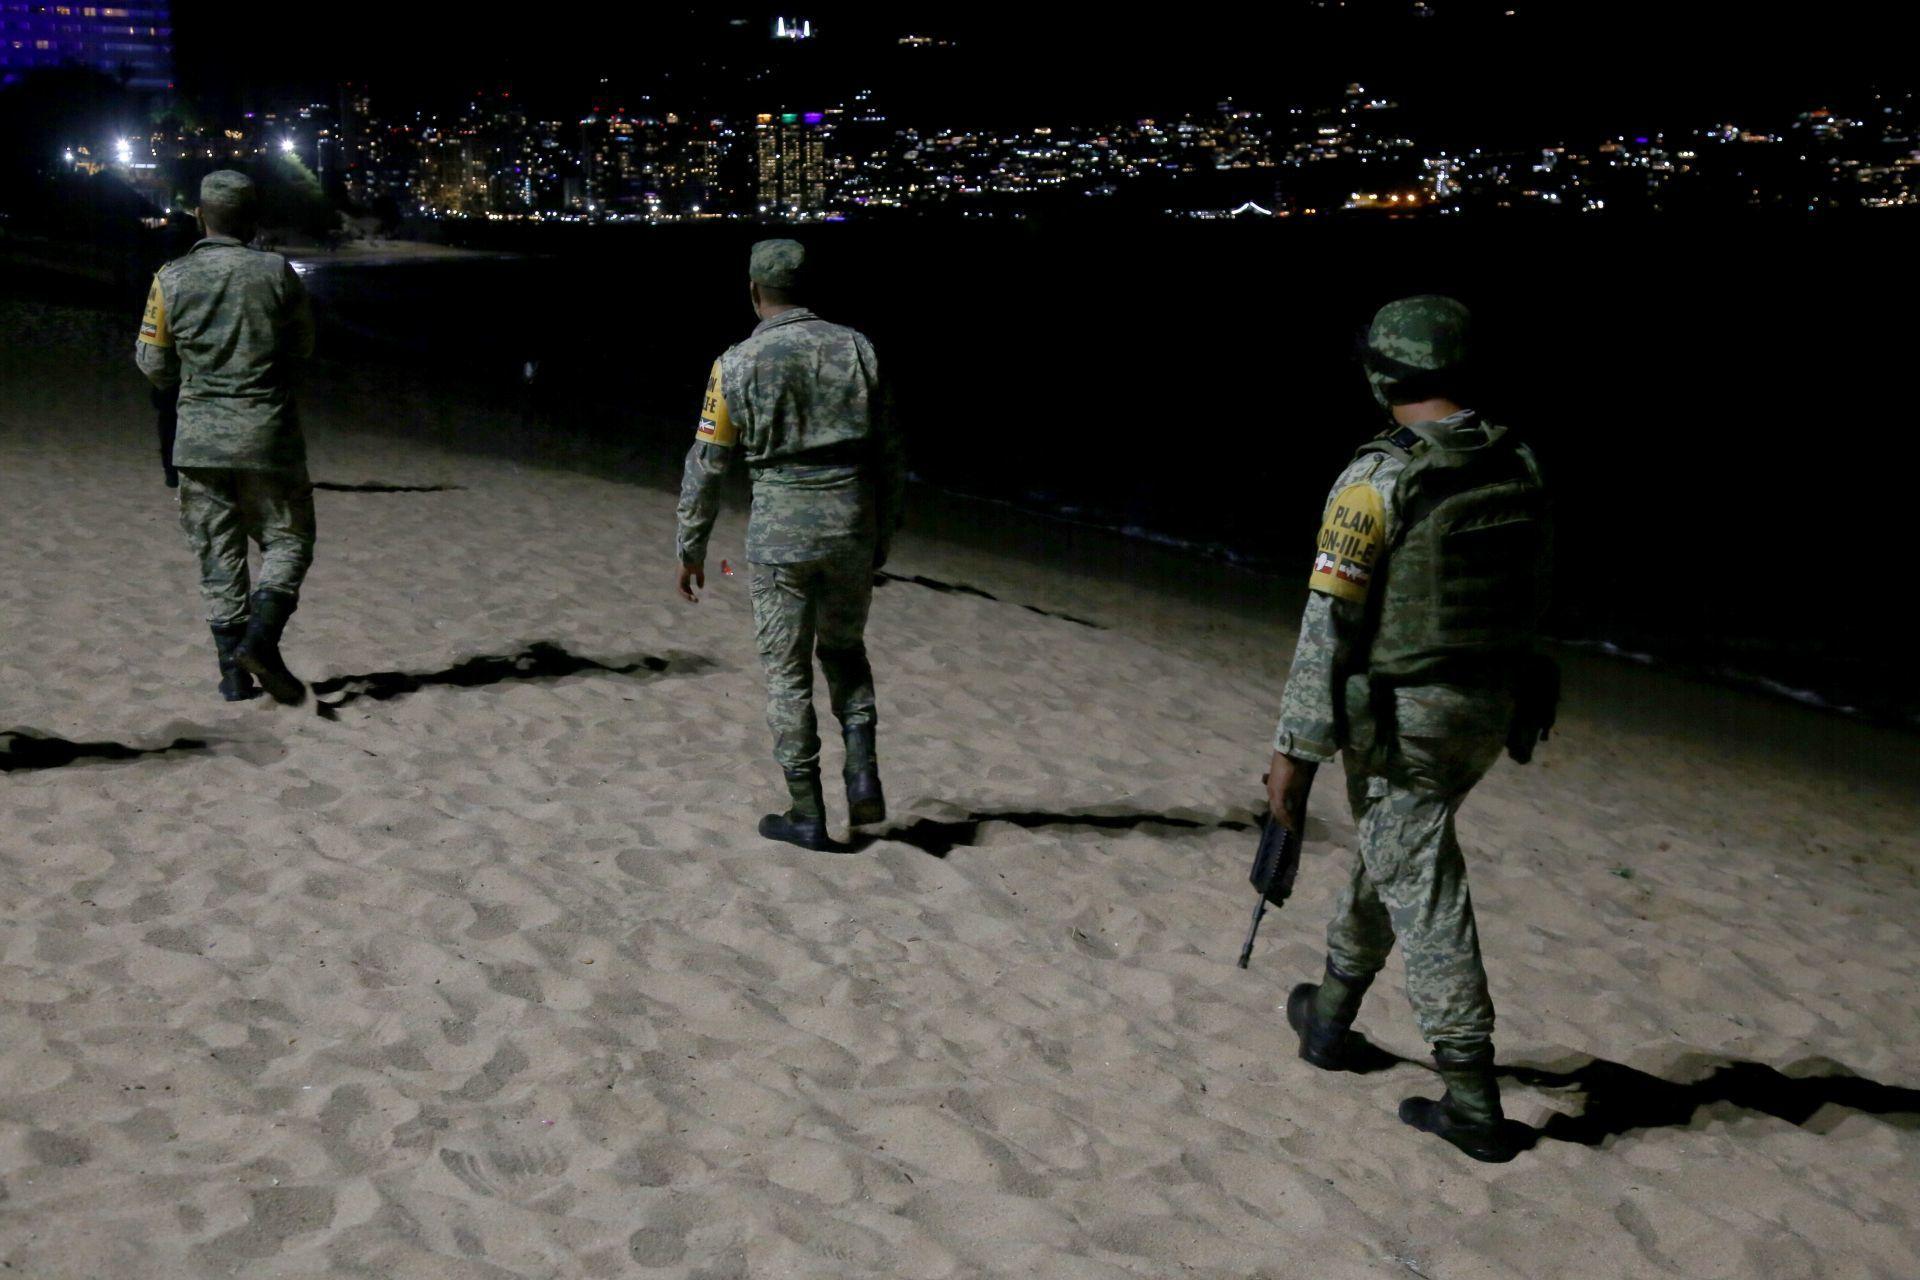 Soldados y policías encabezaron el operativo de cierre de playas, las cuales tendrán un horario de 6 am a 7 pm, esta medida fue tomada por autoridades para evitar las aglomeraciones que se dan por los festejos de año nuevo.